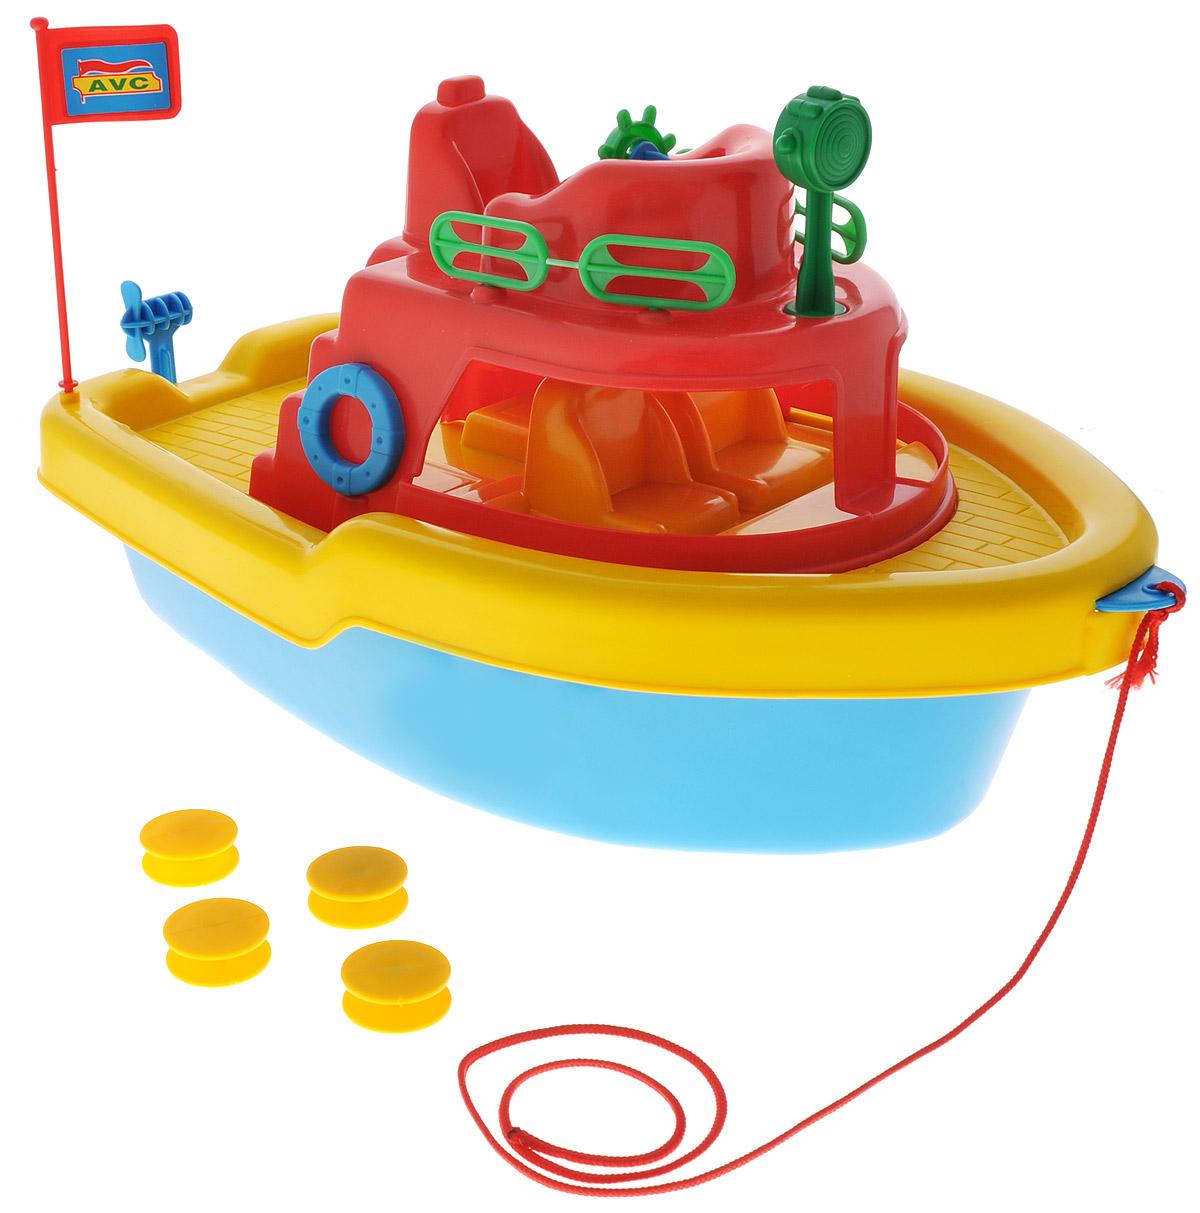 AVC Игрушка Корабль цвет красный желтый синий - Транспорт, машинки